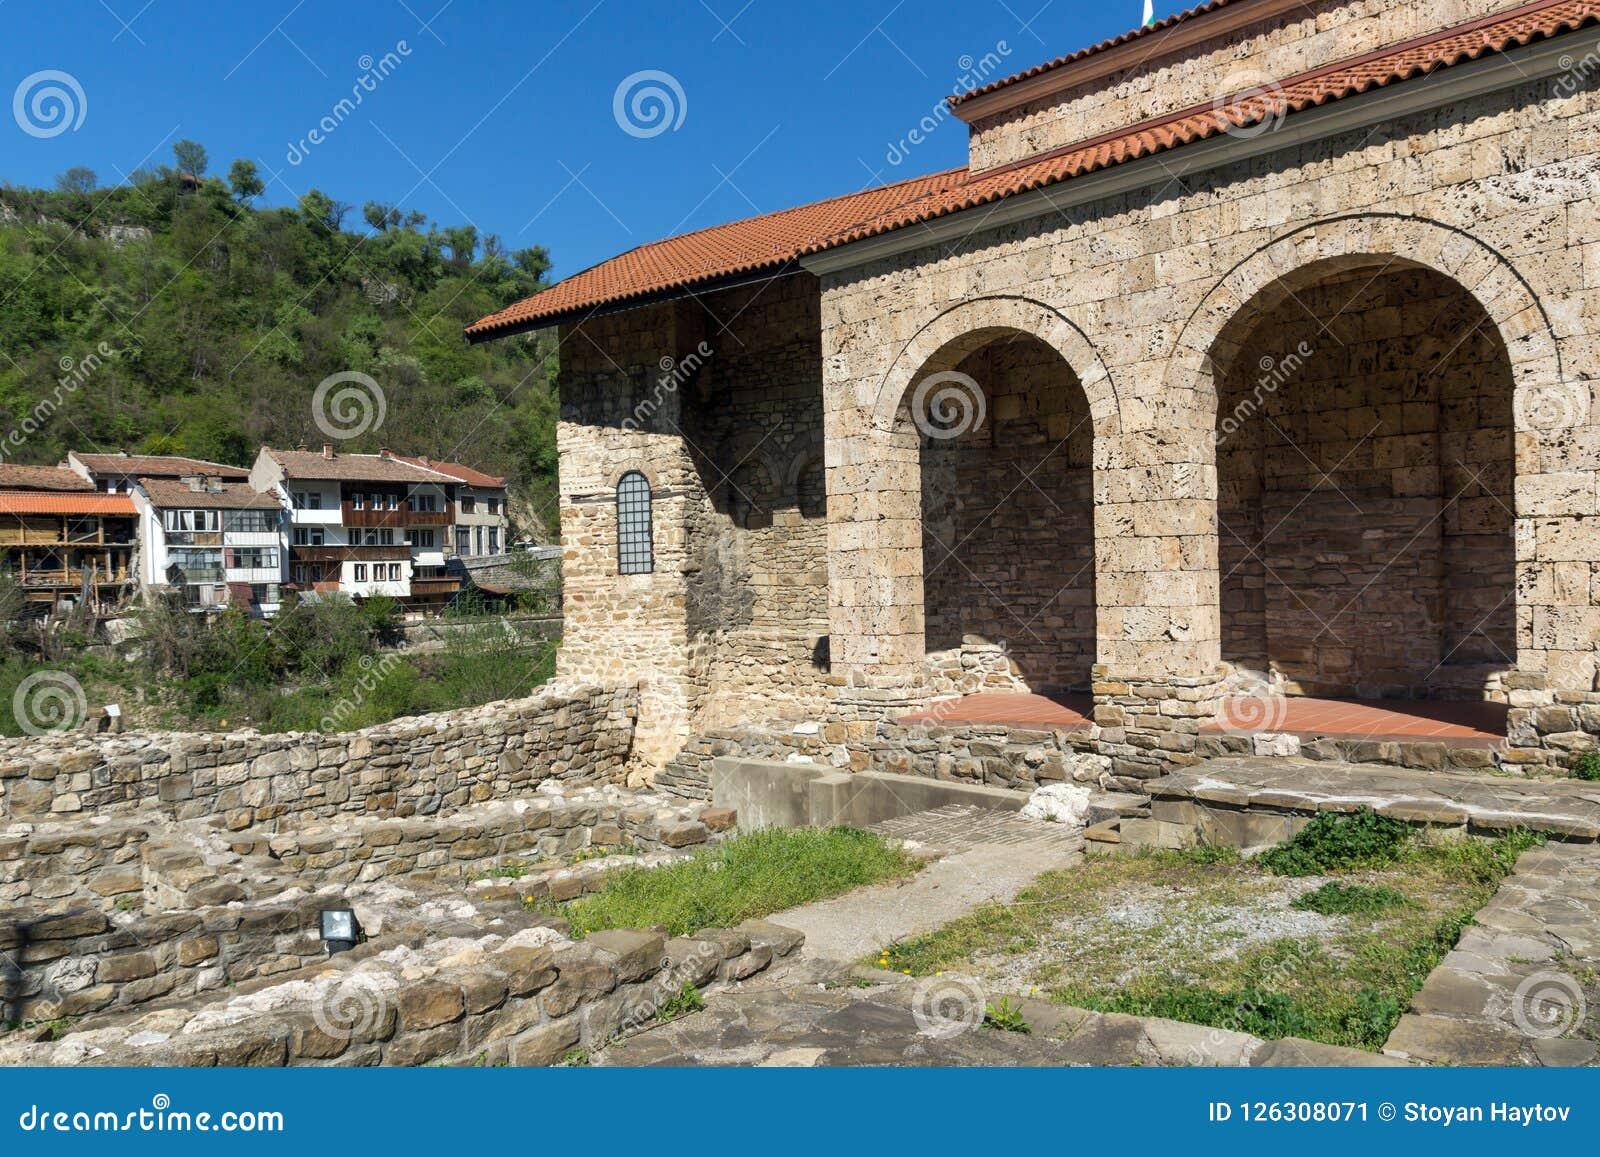 Średniowieczny Święty Czterdzieści męczenników kościół - Wschodni Ortodoksalny kościół budujący w 1230 w miasteczku Veliko Tarnov